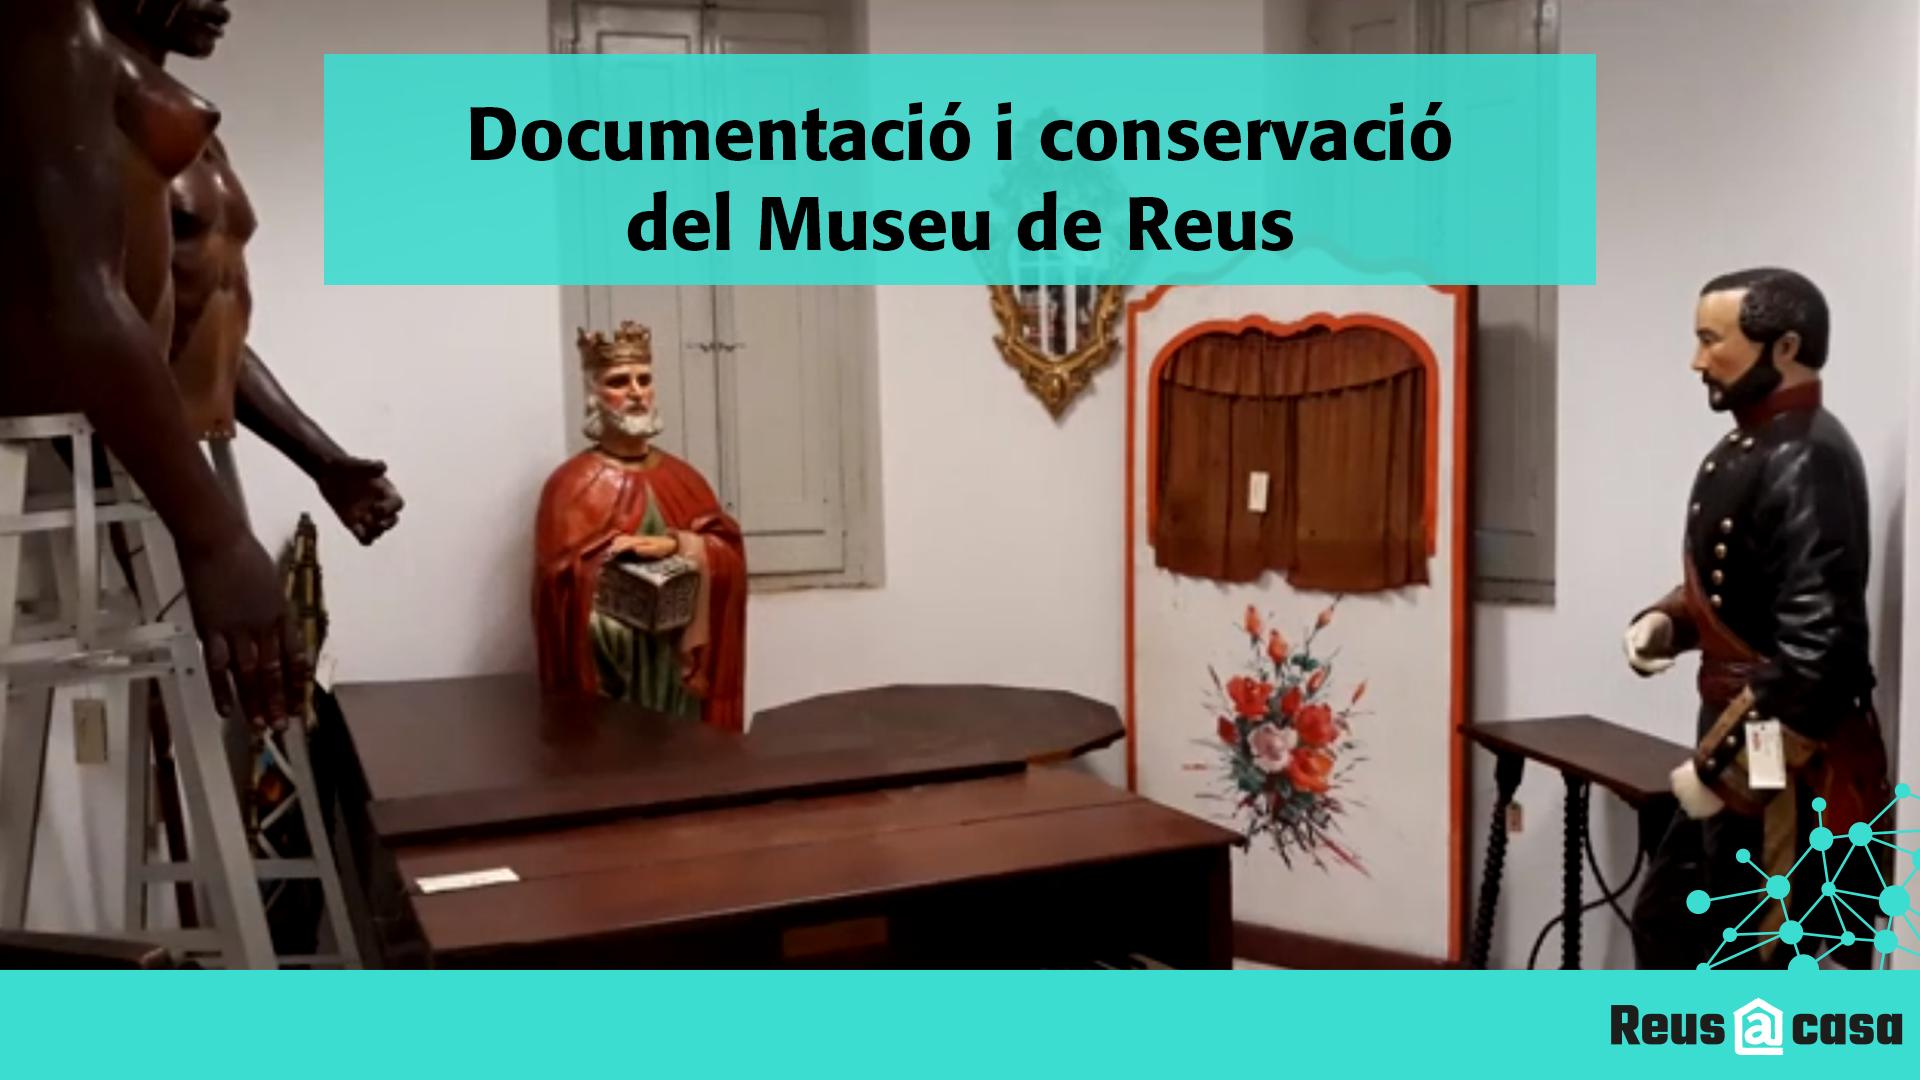 Dia Internacional dels Museus: Sala de reserva. Documentació i conservació